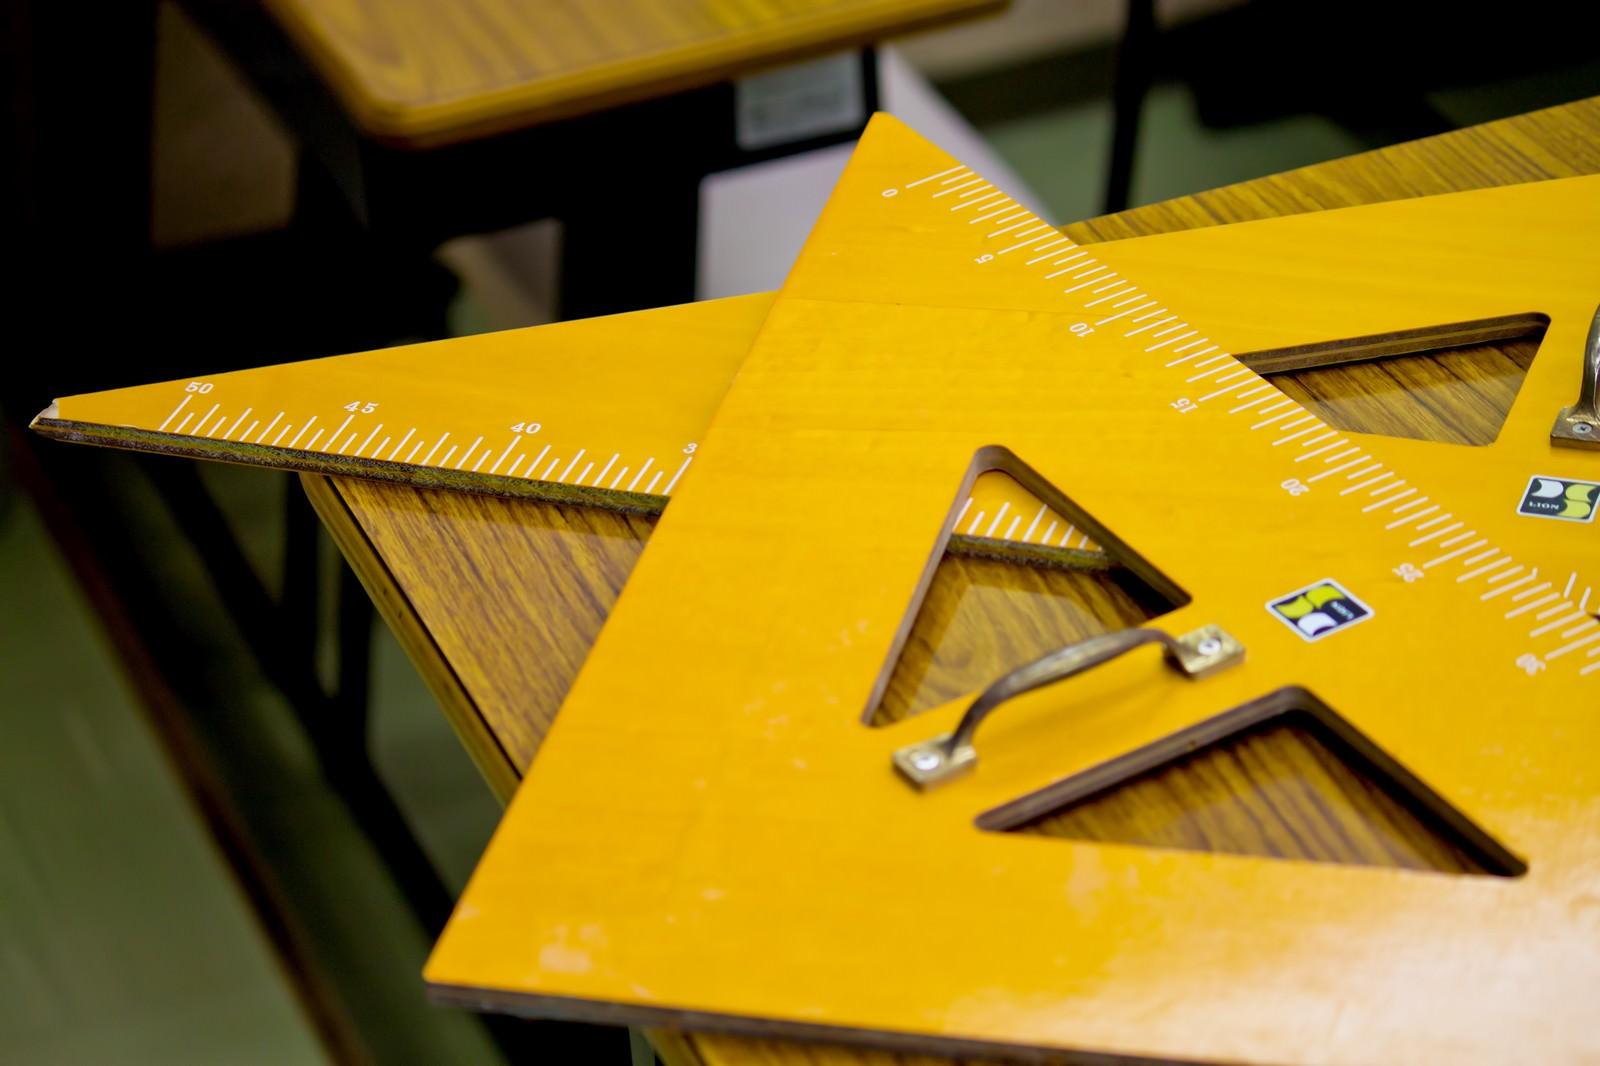 「授業で使う大きな三角定規授業で使う大きな三角定規」のフリー写真素材を拡大